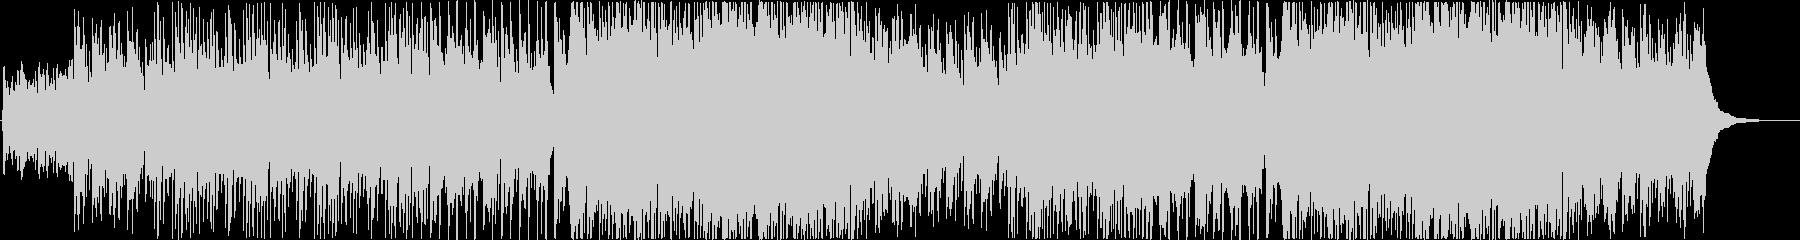 ピアノが煌びやかなジャズワルツaの未再生の波形